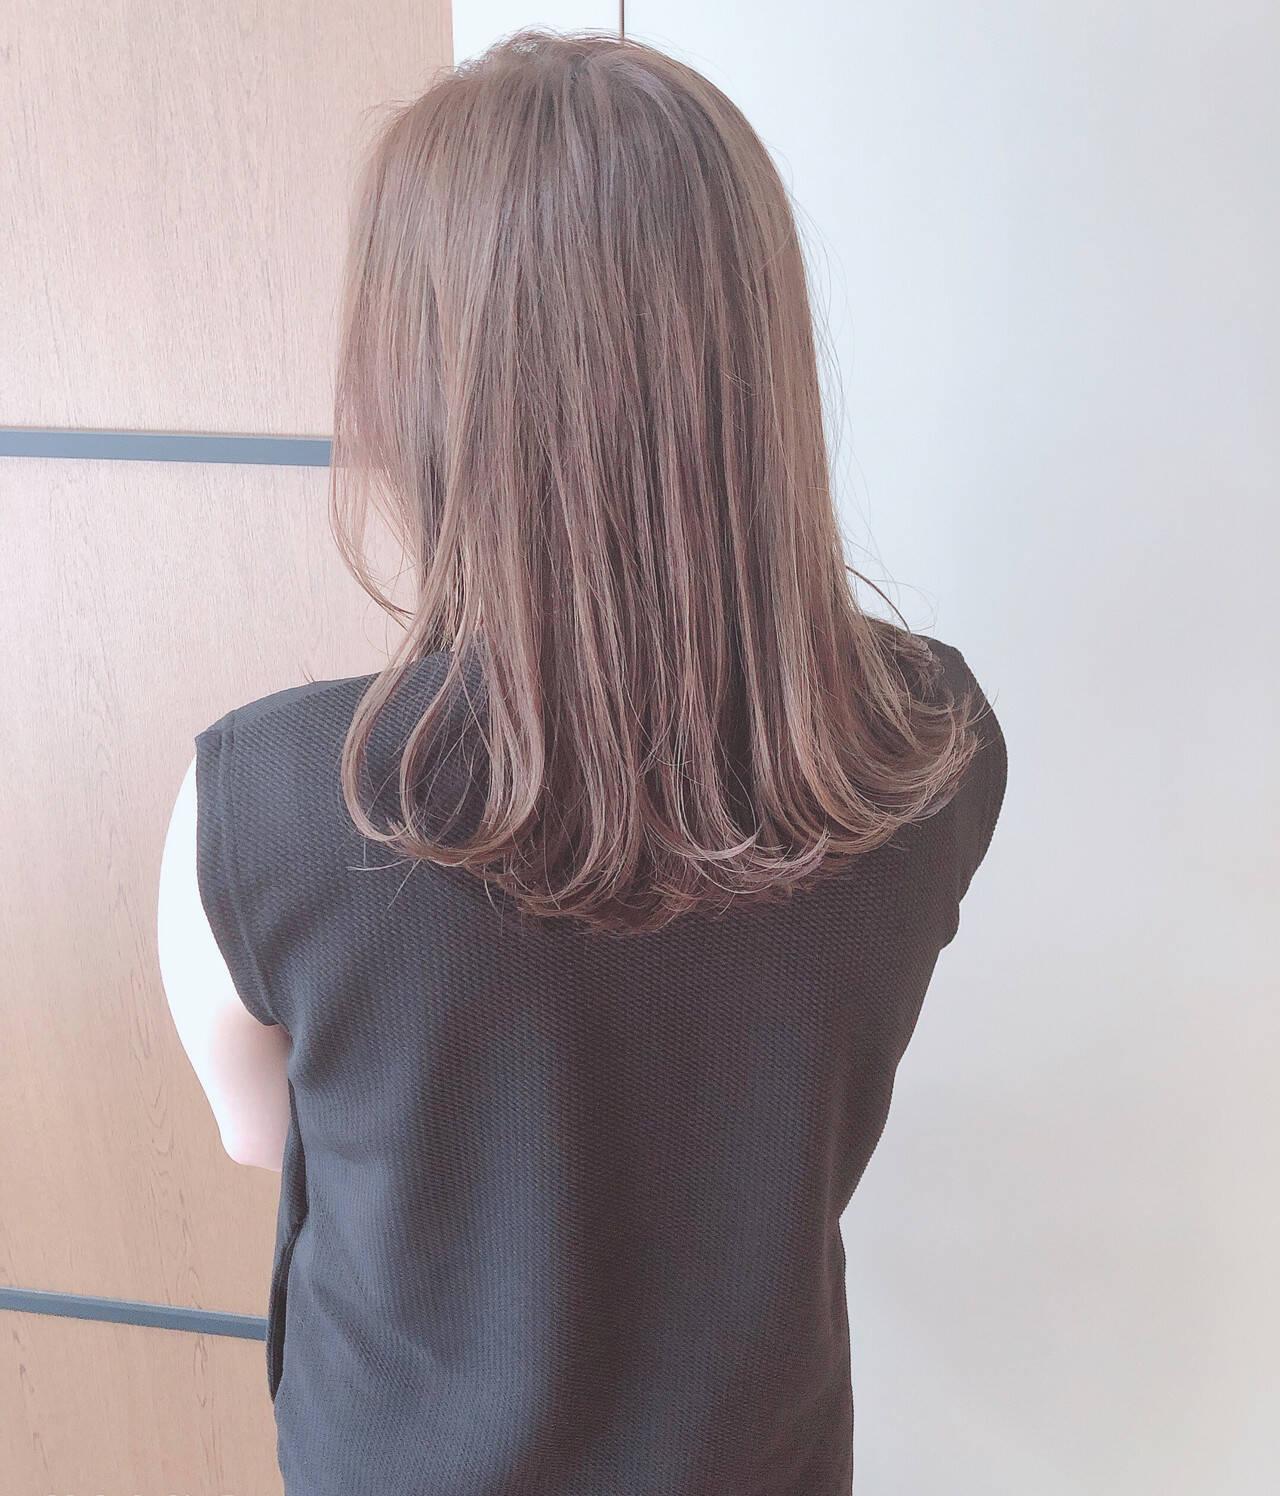 ガーリー かわいい ヘアアレンジ セミロングヘアスタイルや髪型の写真・画像